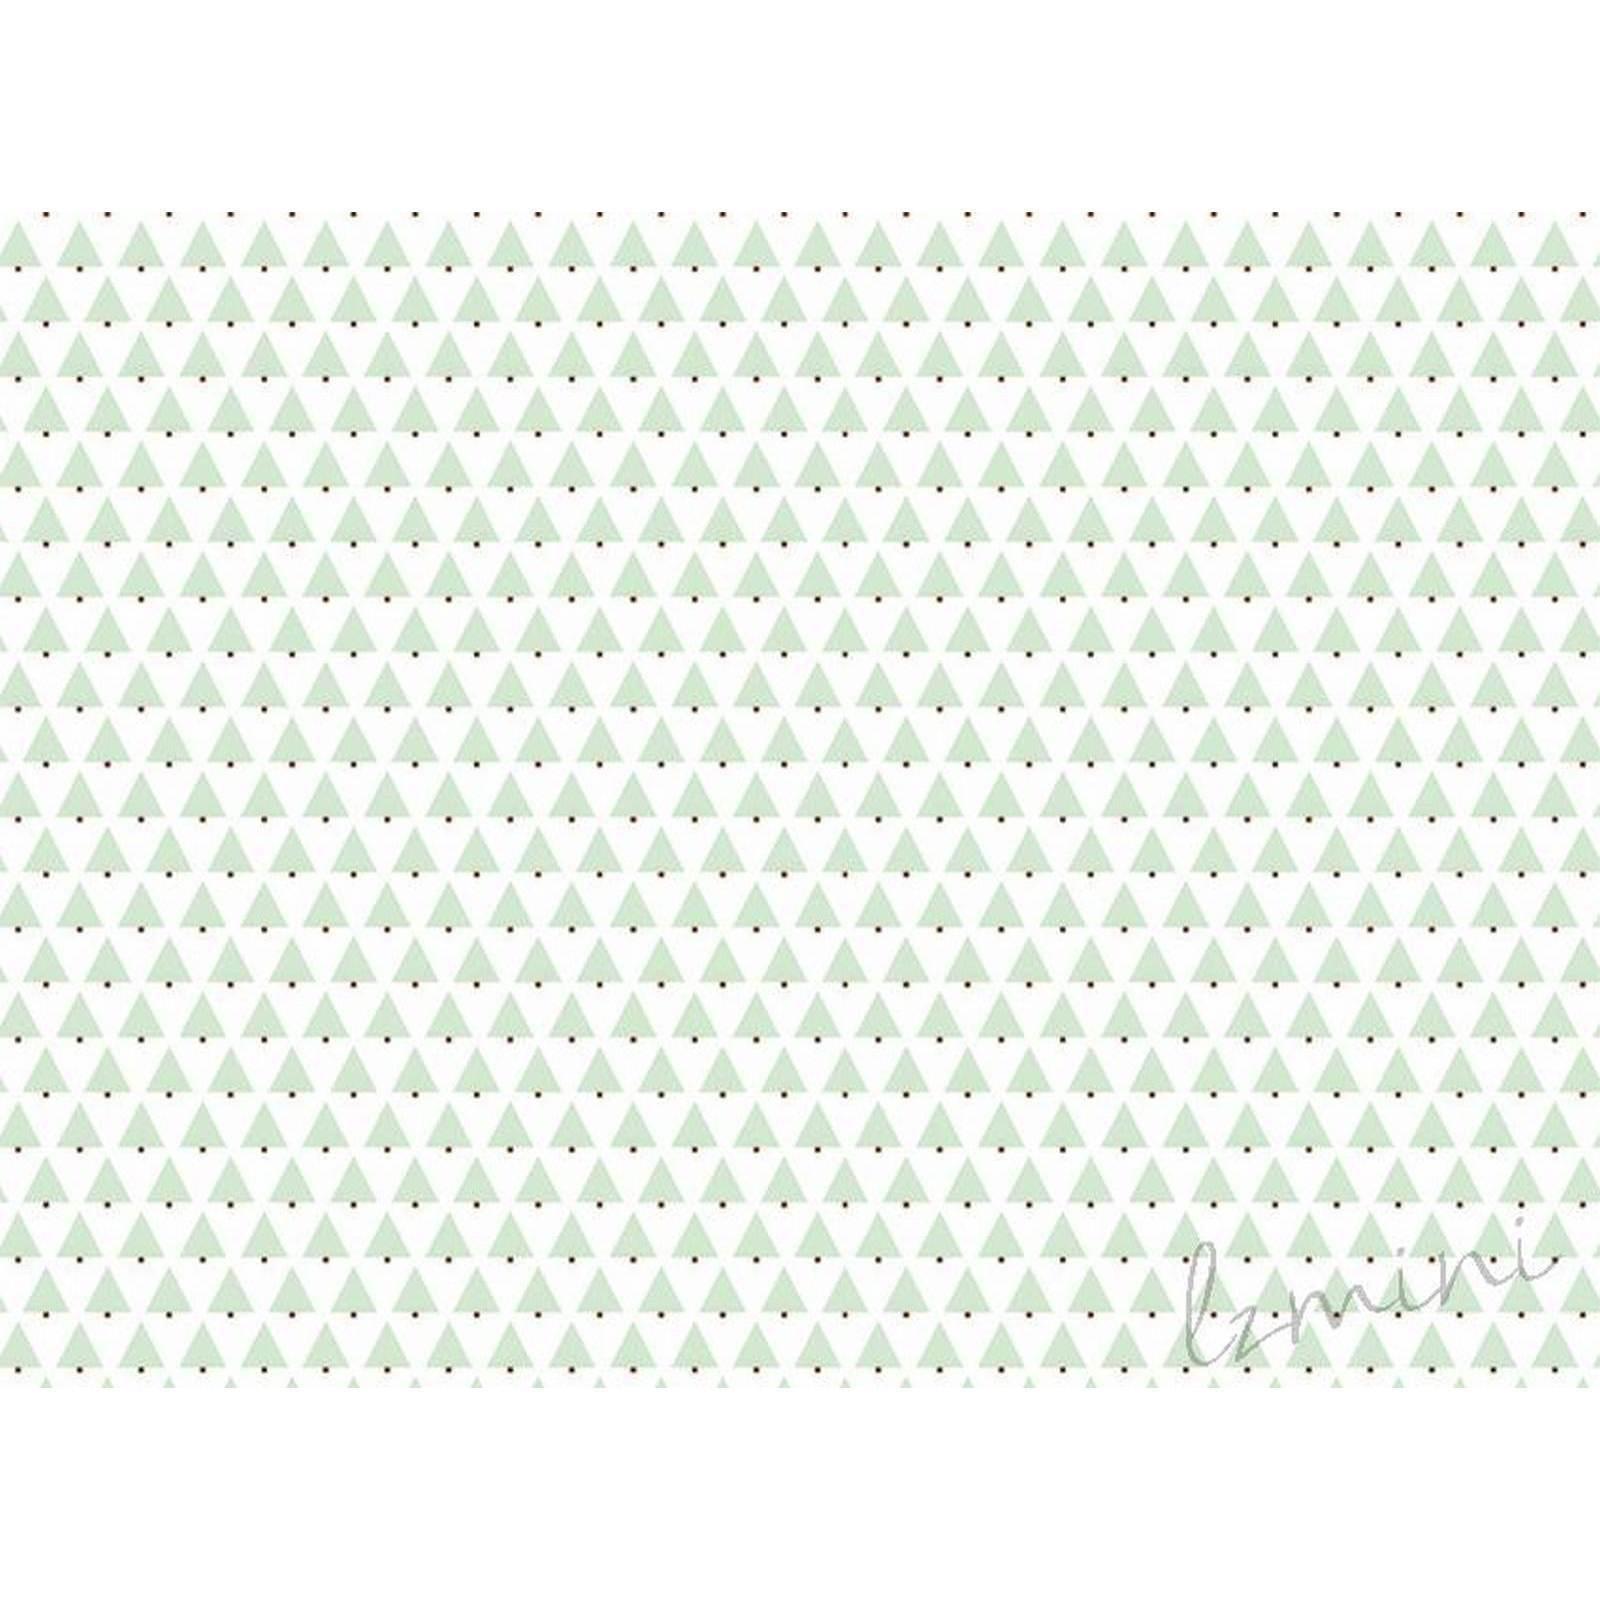 Papel de Parede Pinha H=2,50 Papel de Parede